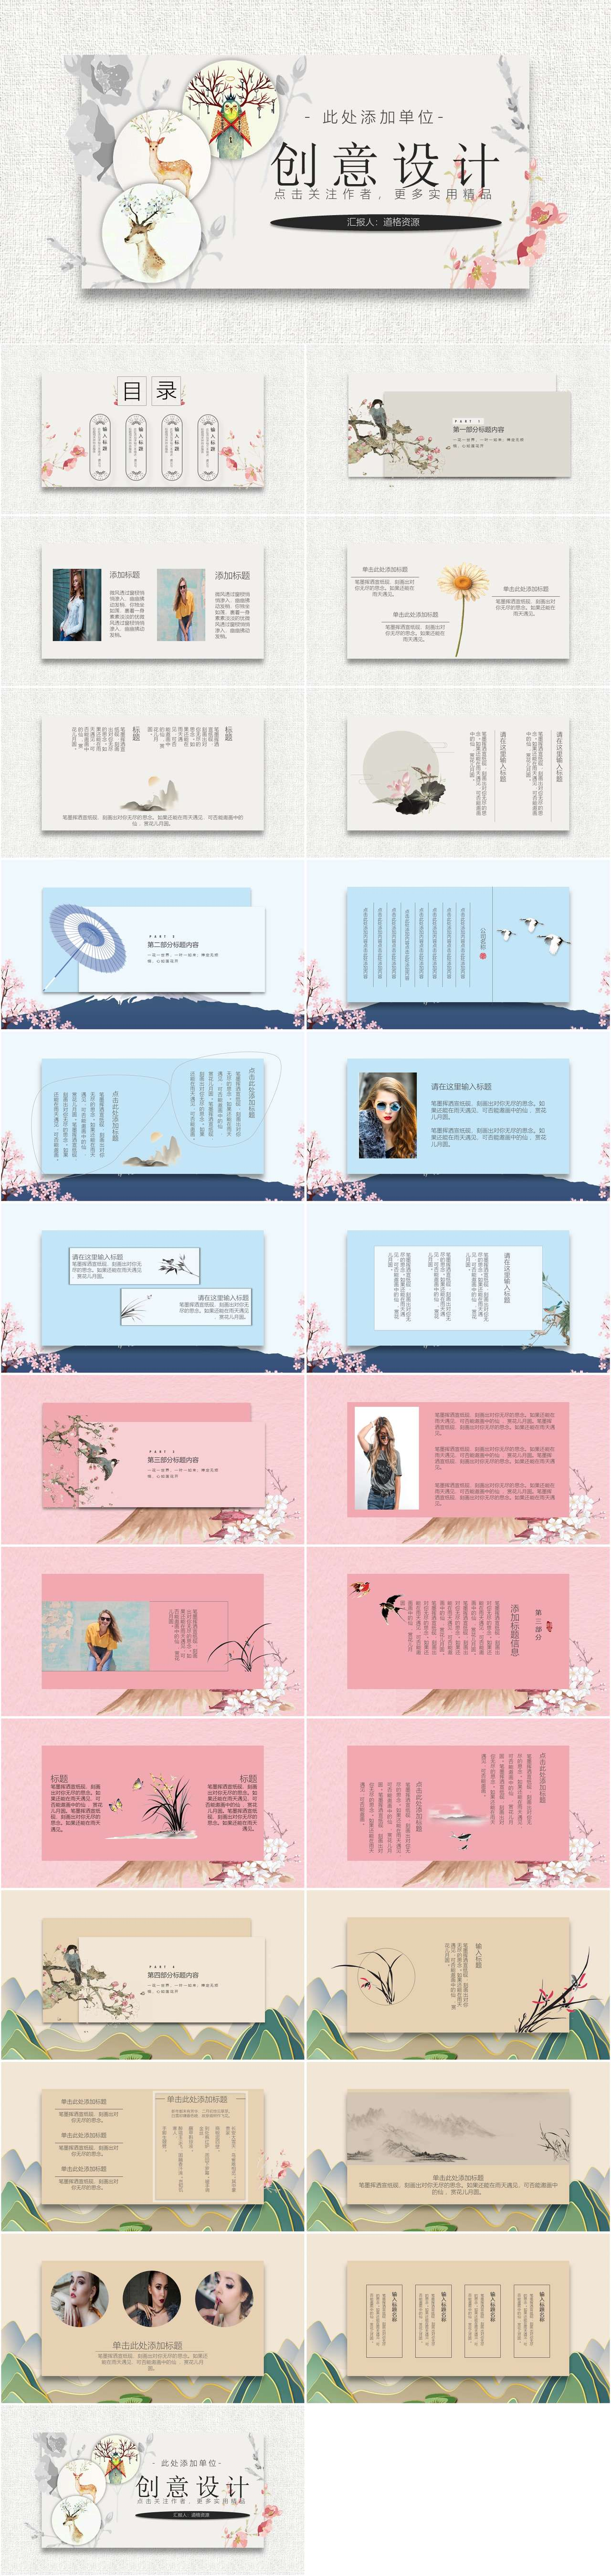 创意美学中国风通用PPT模板插图1